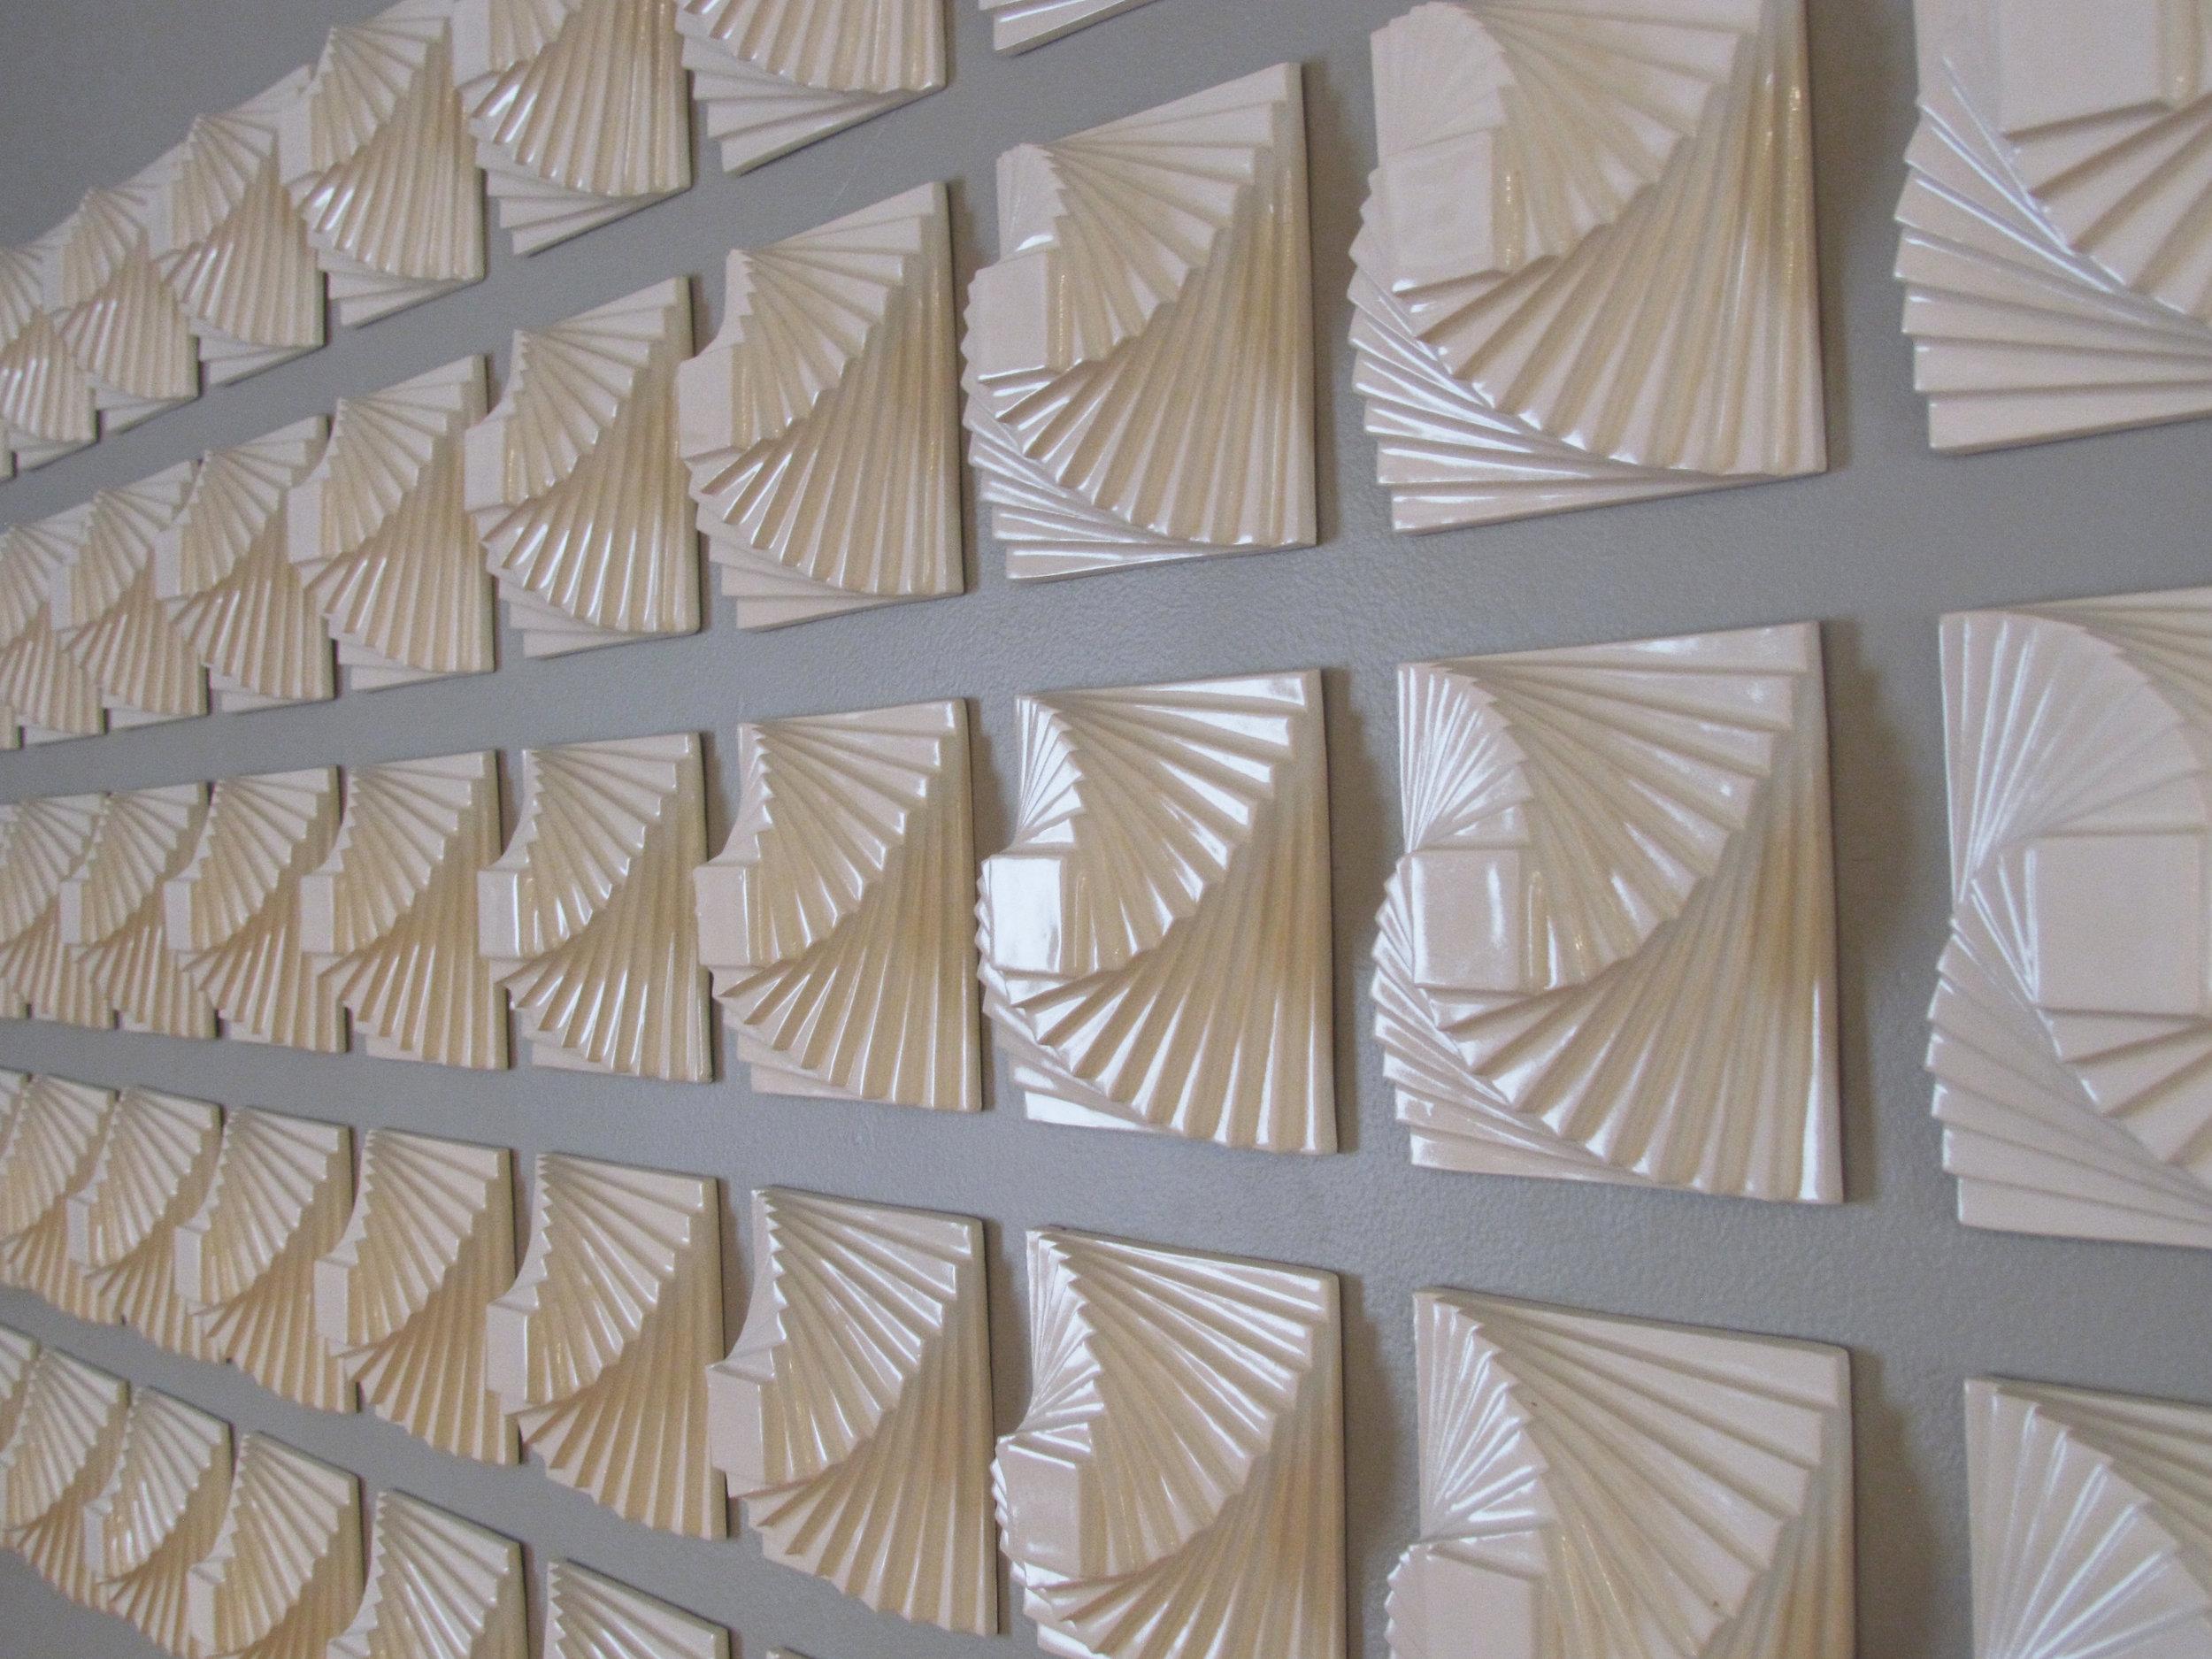 Helix Tiles (Detail)  |  Each: 5.5 x 5.5 x 3 inches  |  Porcelain, Glaze  |  2017